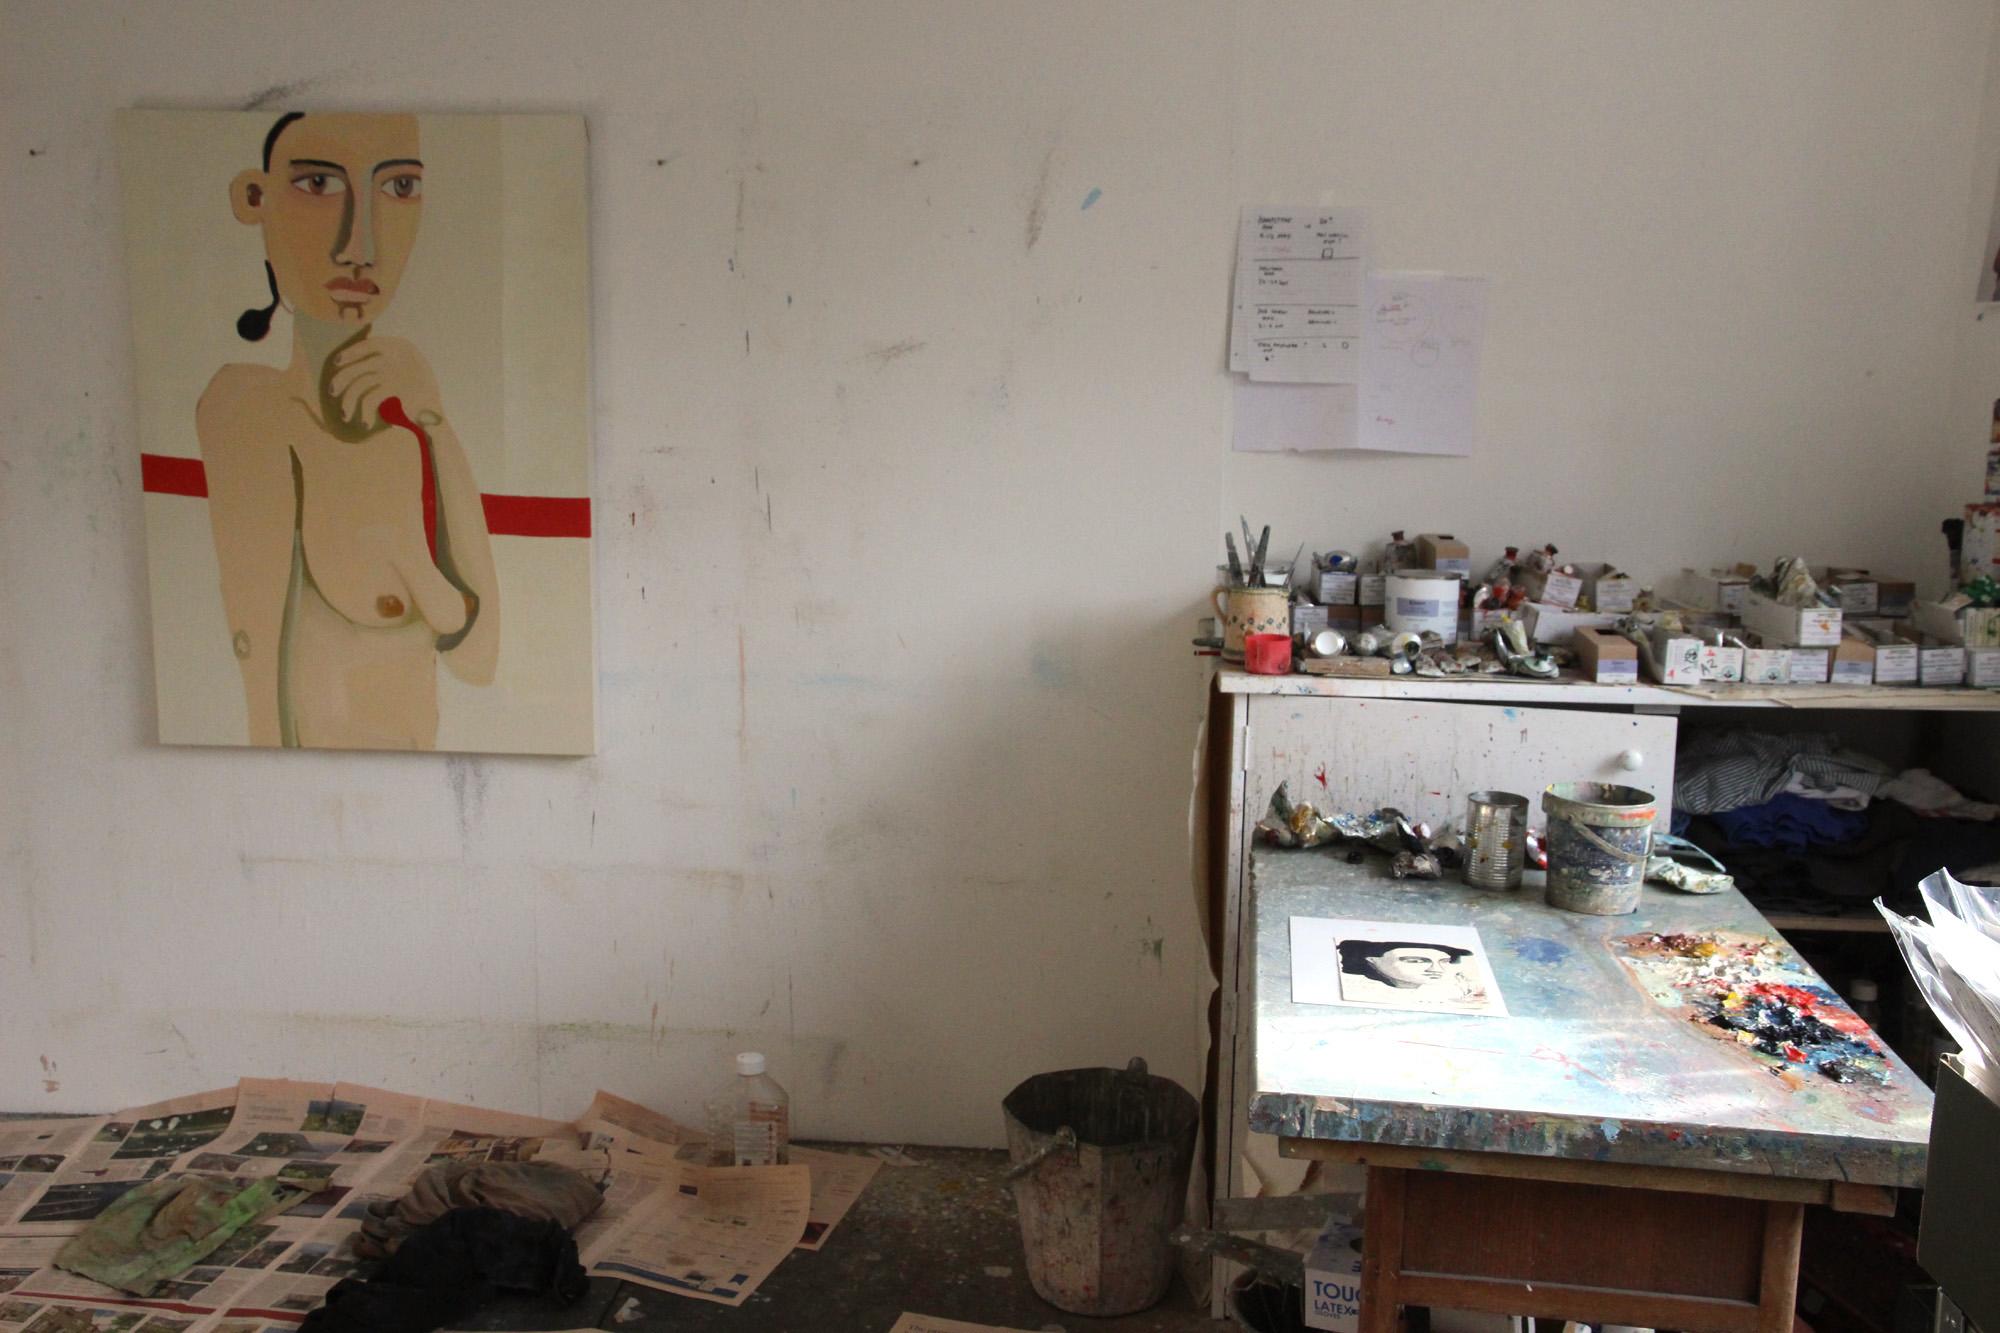 Henrietta Dubrey's studio